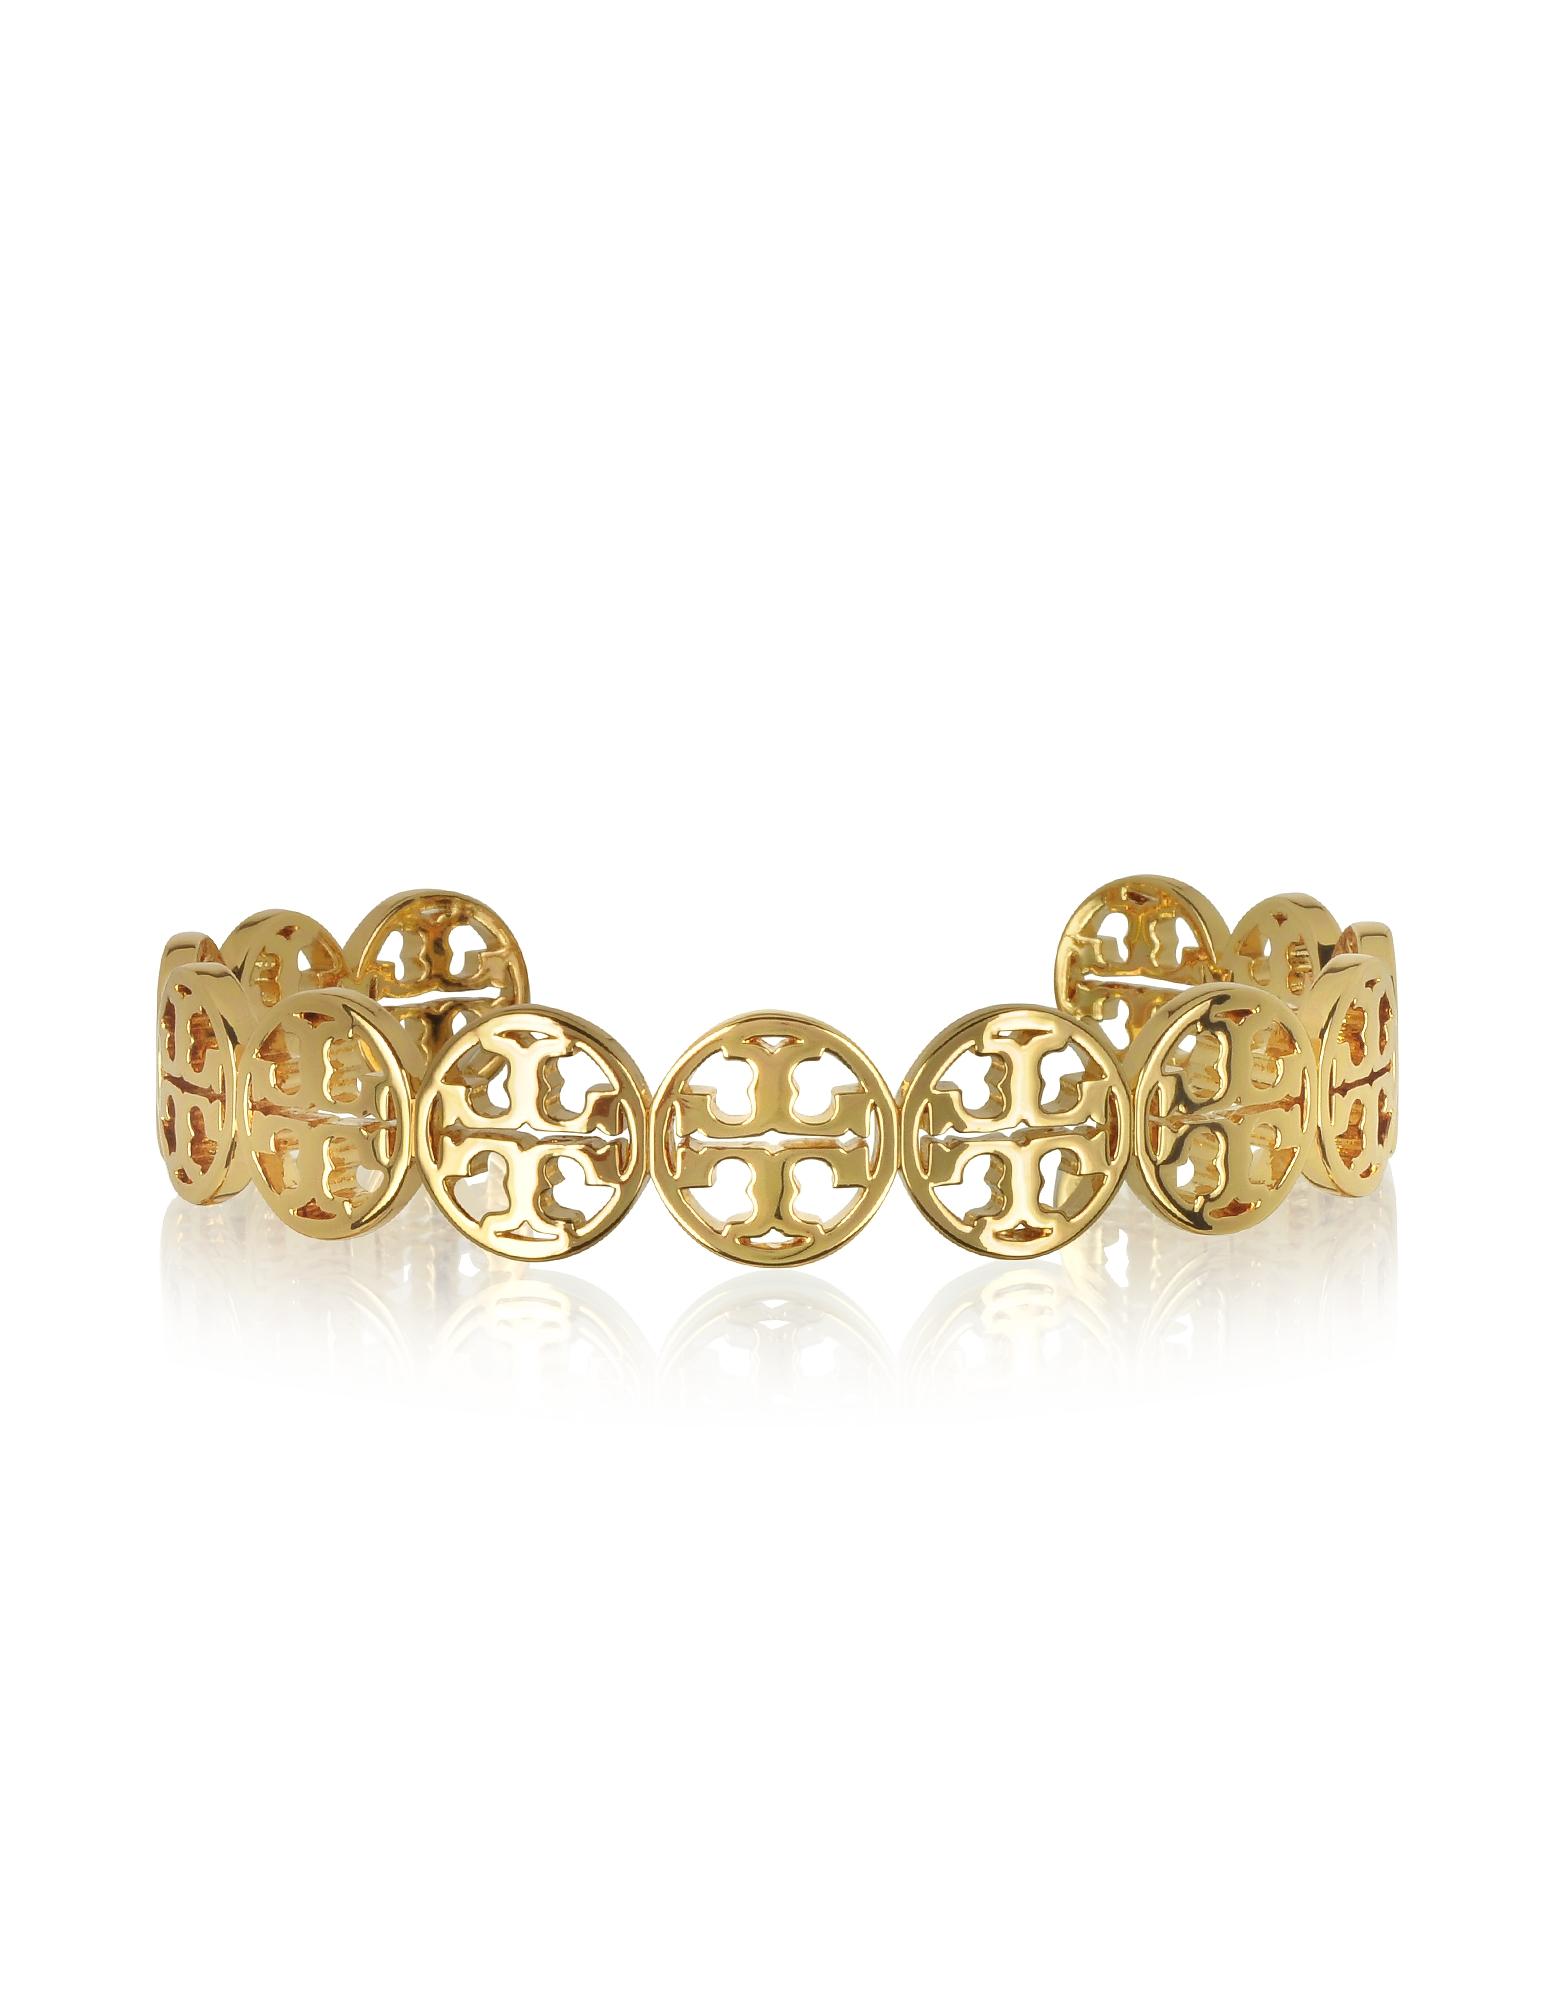 Tory Burch Bracelets, Goldtone Logo Cuff Bracelet